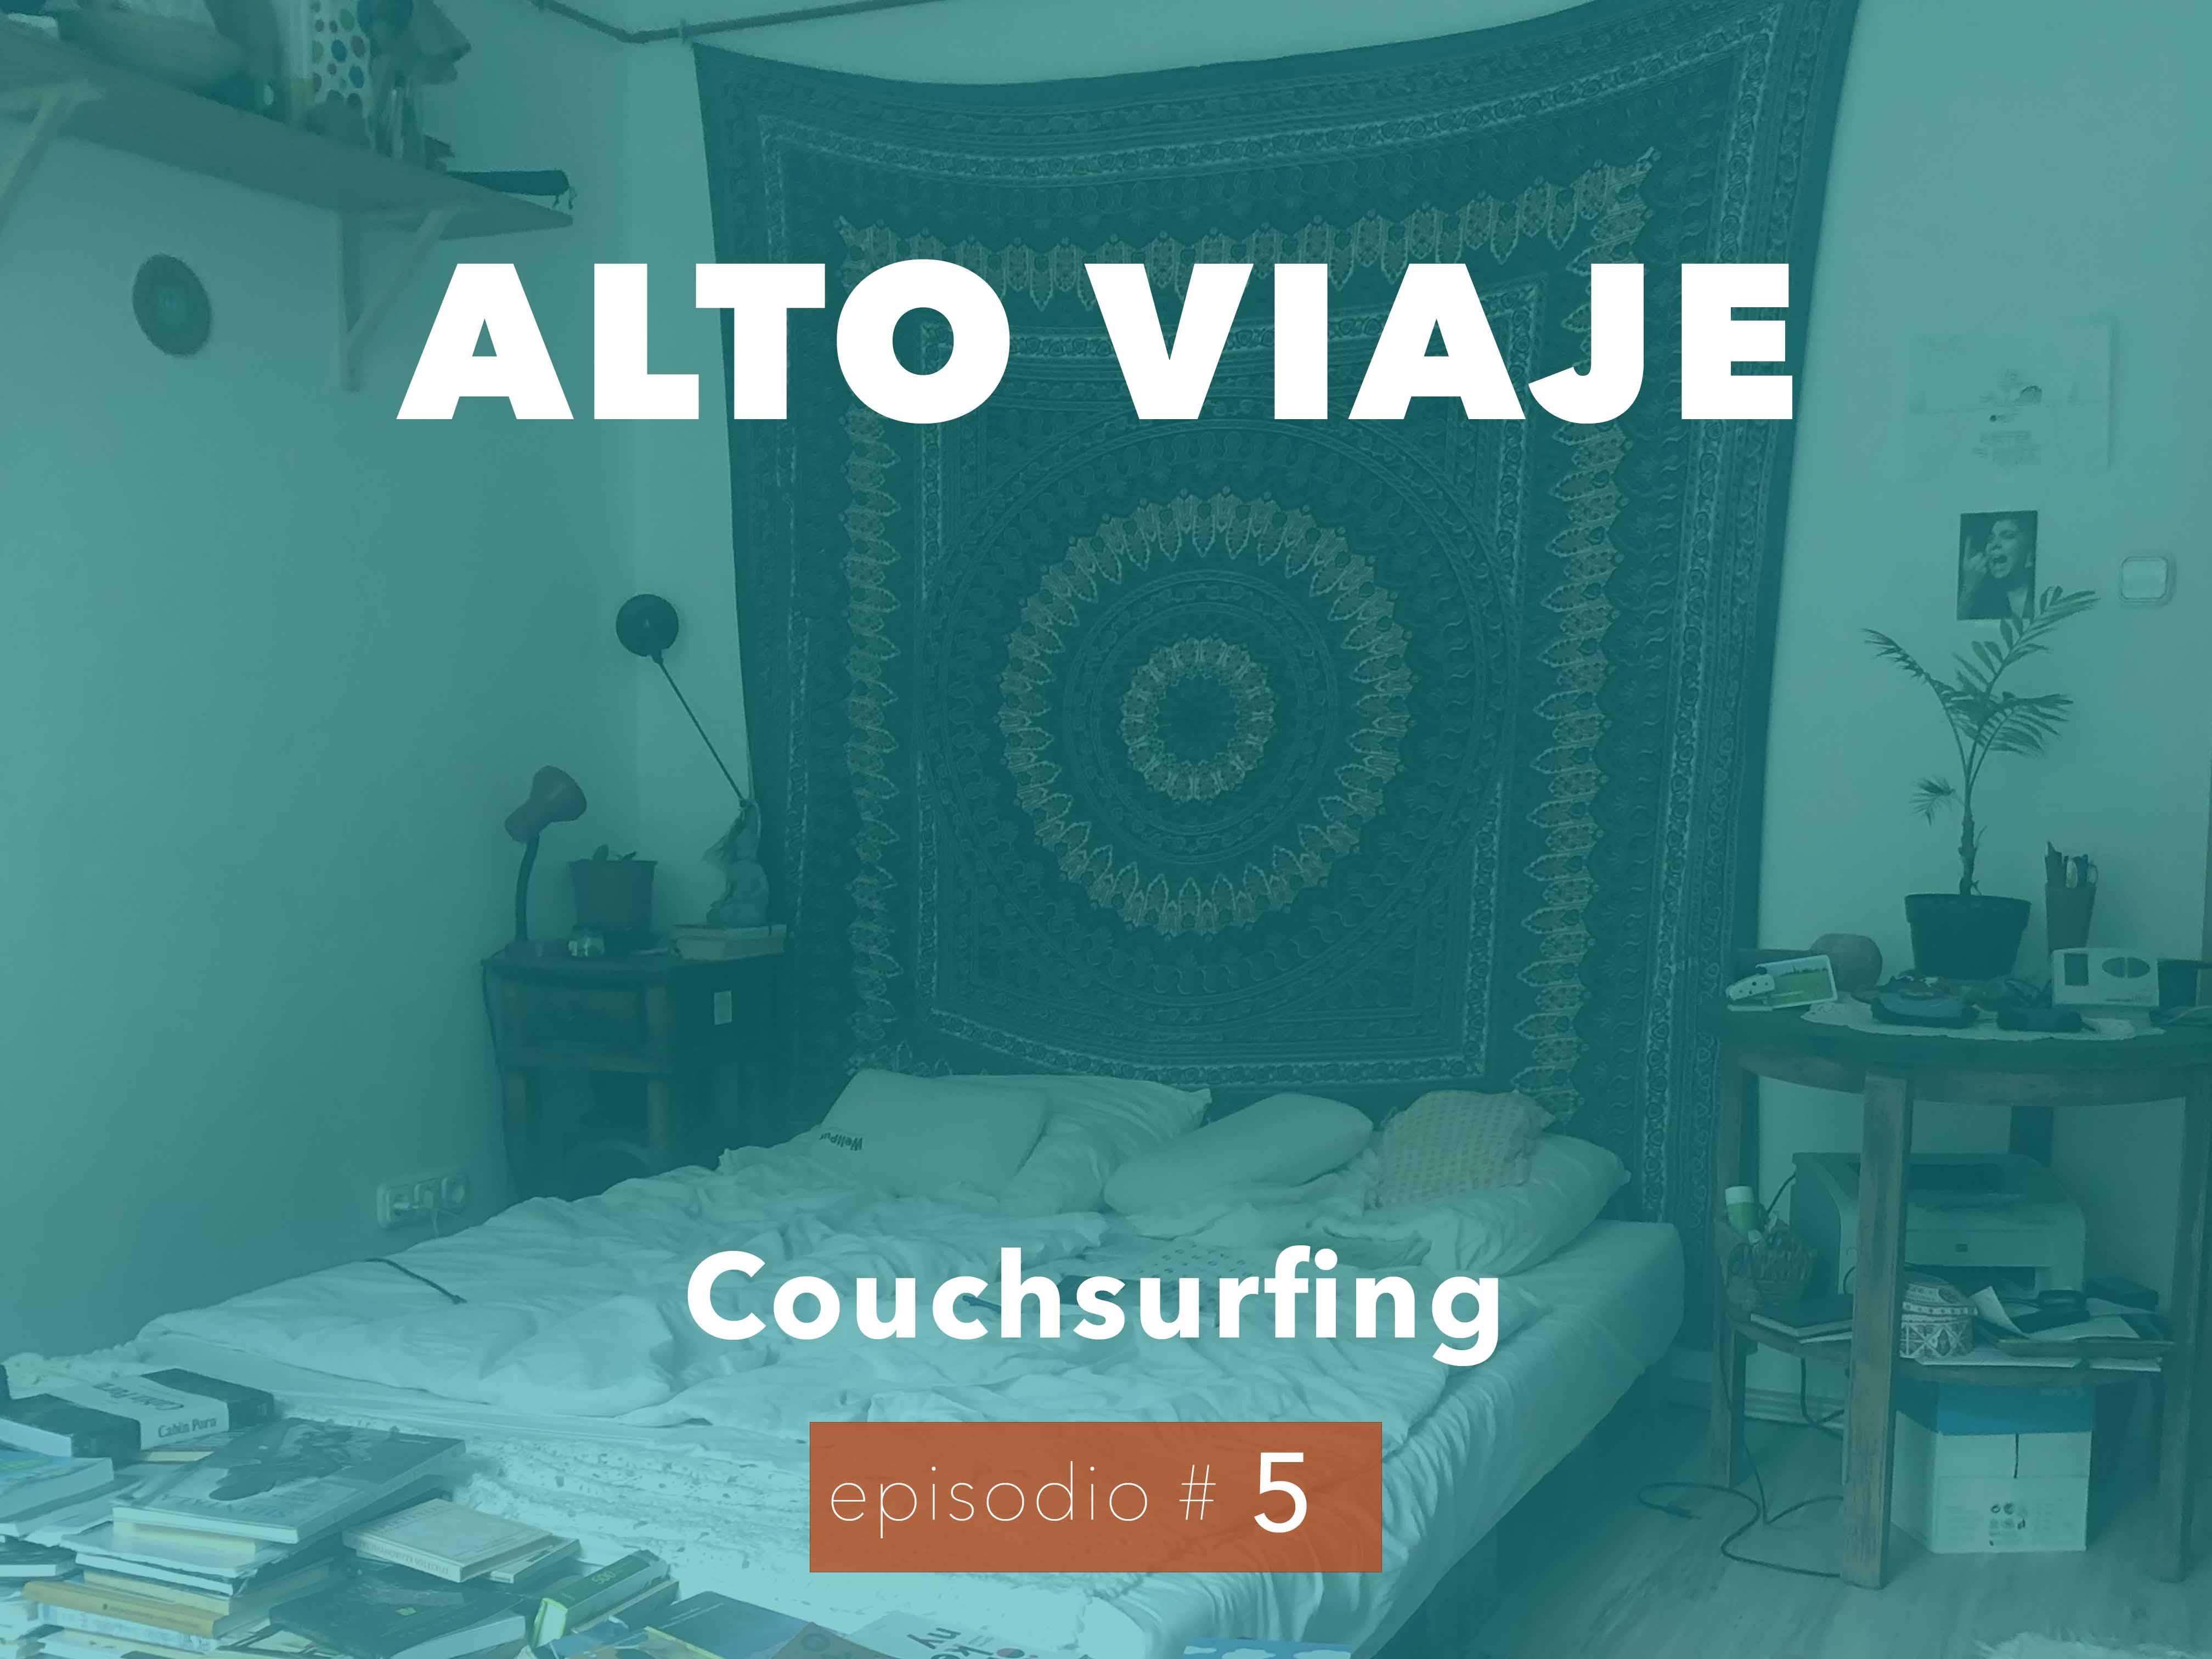 Couchsurfing - Alto Viaje - Episodio 5